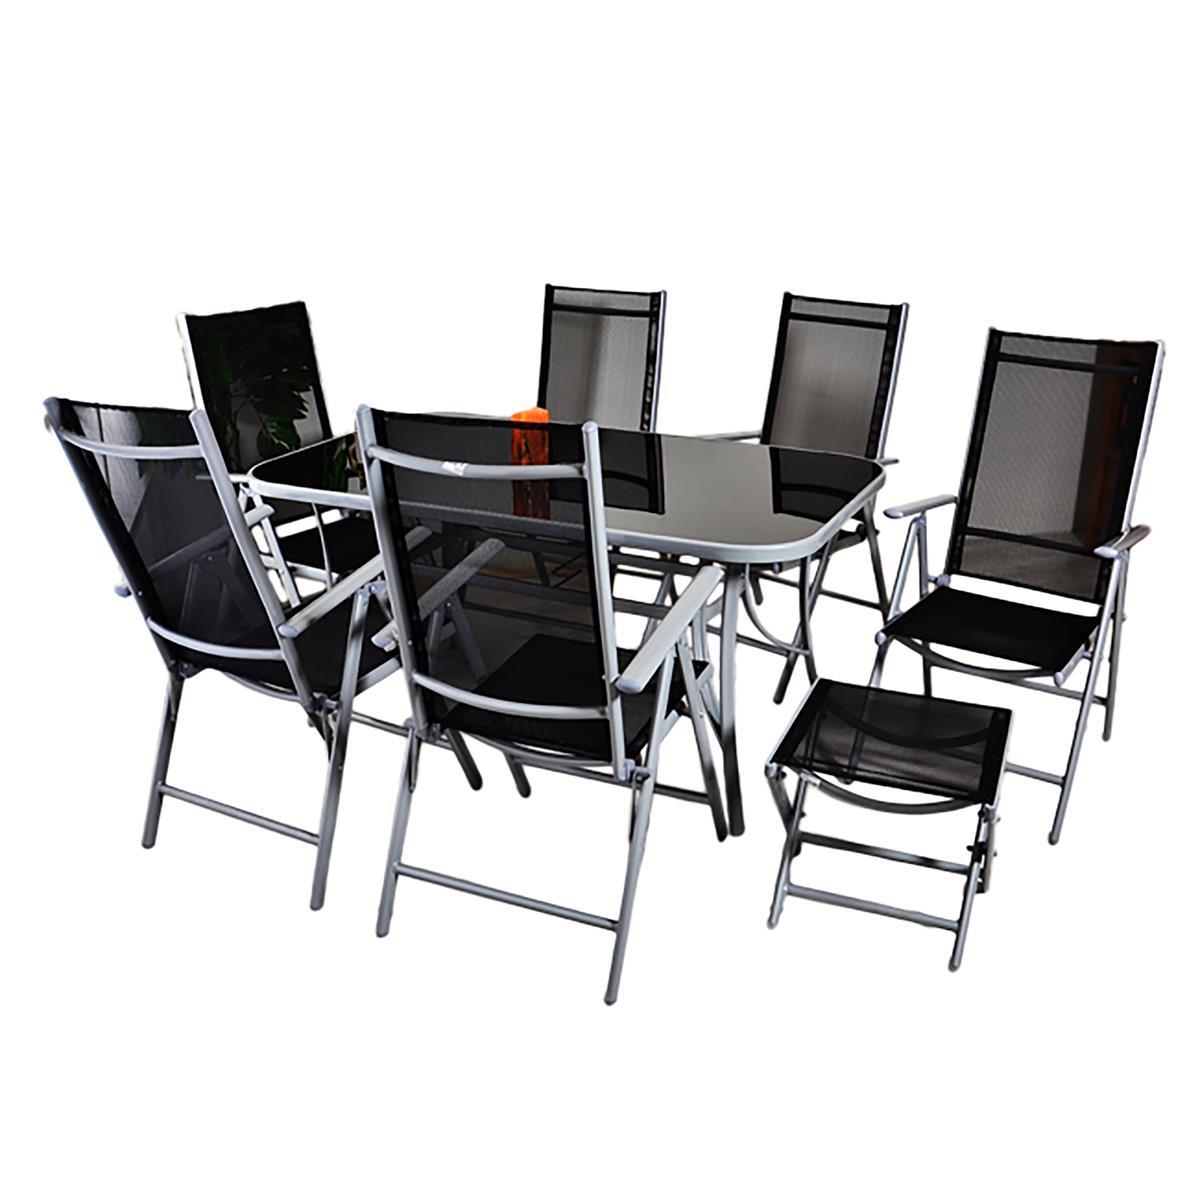 9tlg. Gartengarnitur Sitzgruppe Garnitur Gartenstühle 1 Tisch 6 Stühle 2 Hocker